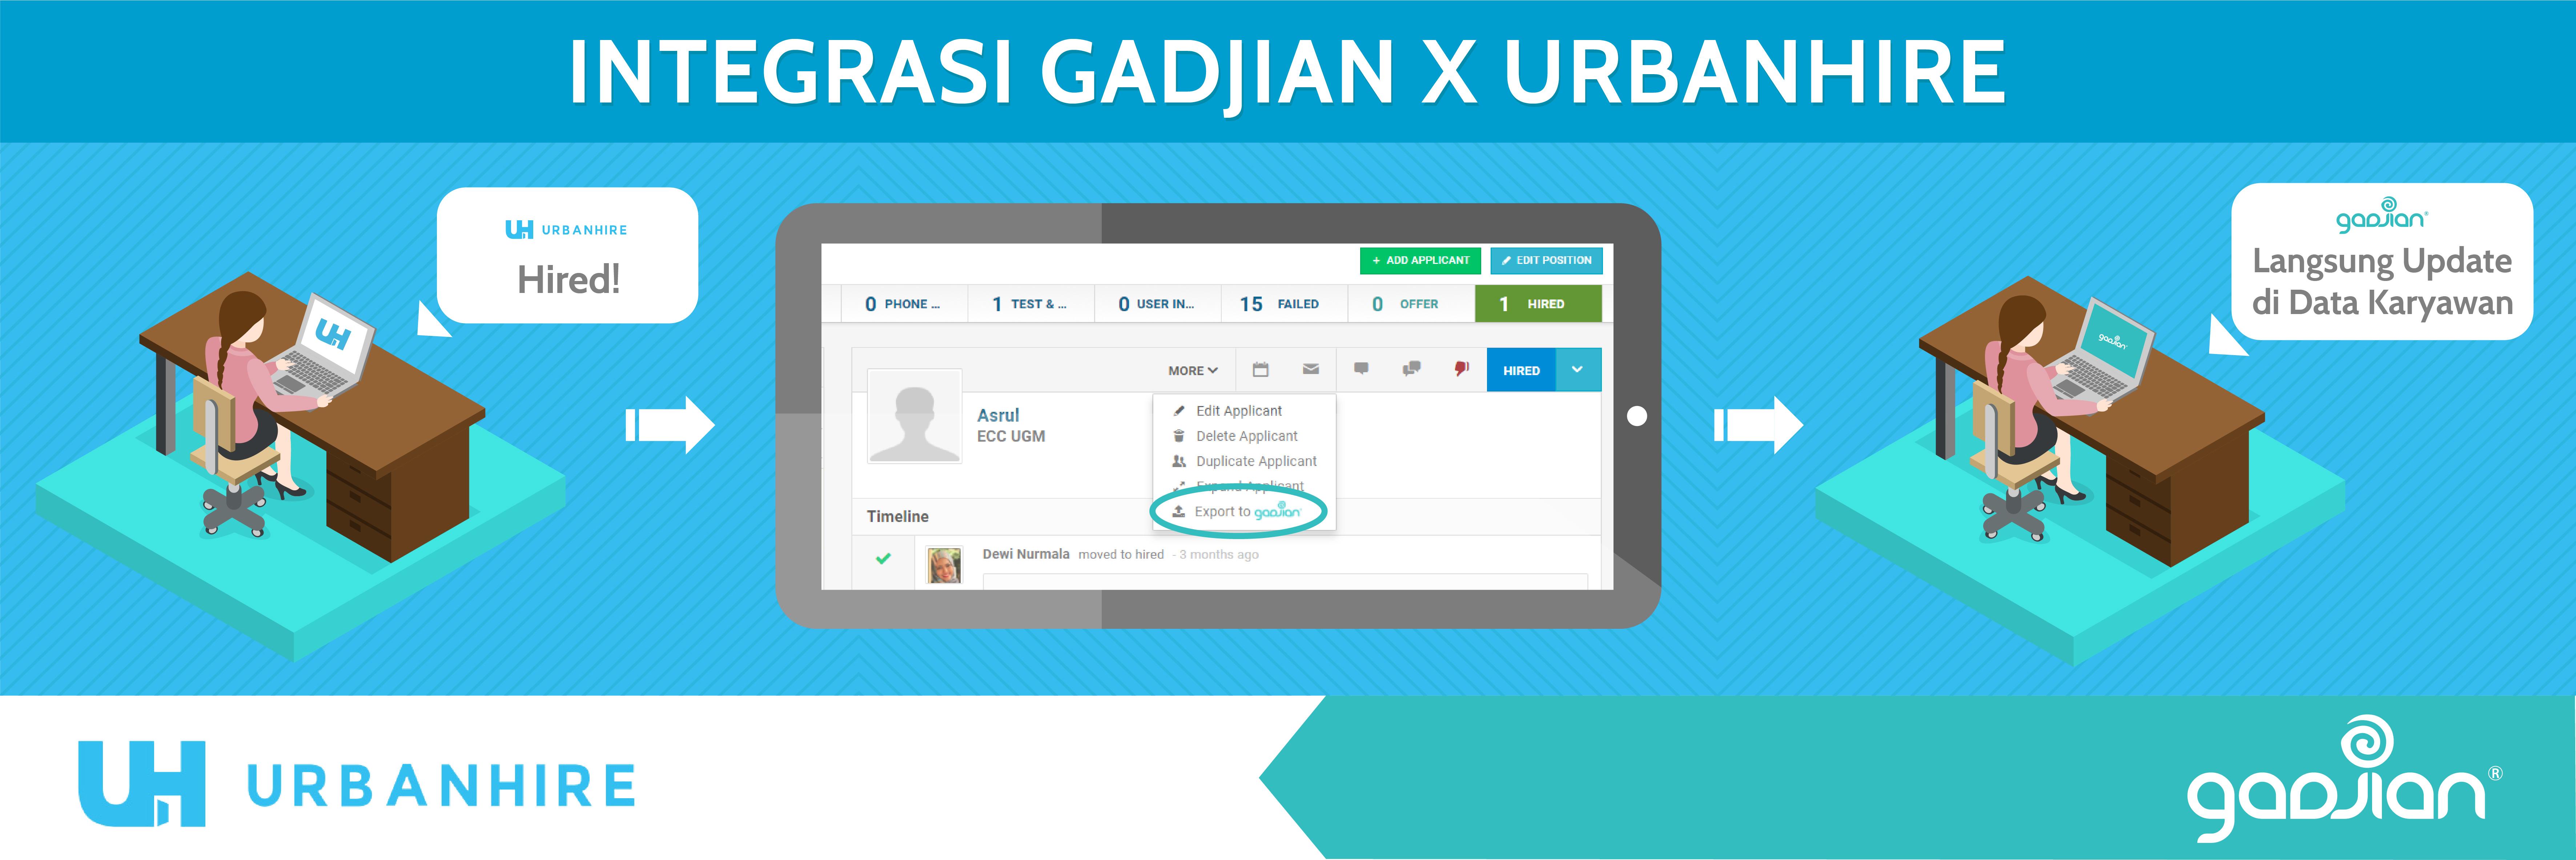 Integrasi Situs Kerja Urbanhire dengan Software Aplikasi HR Gadjian